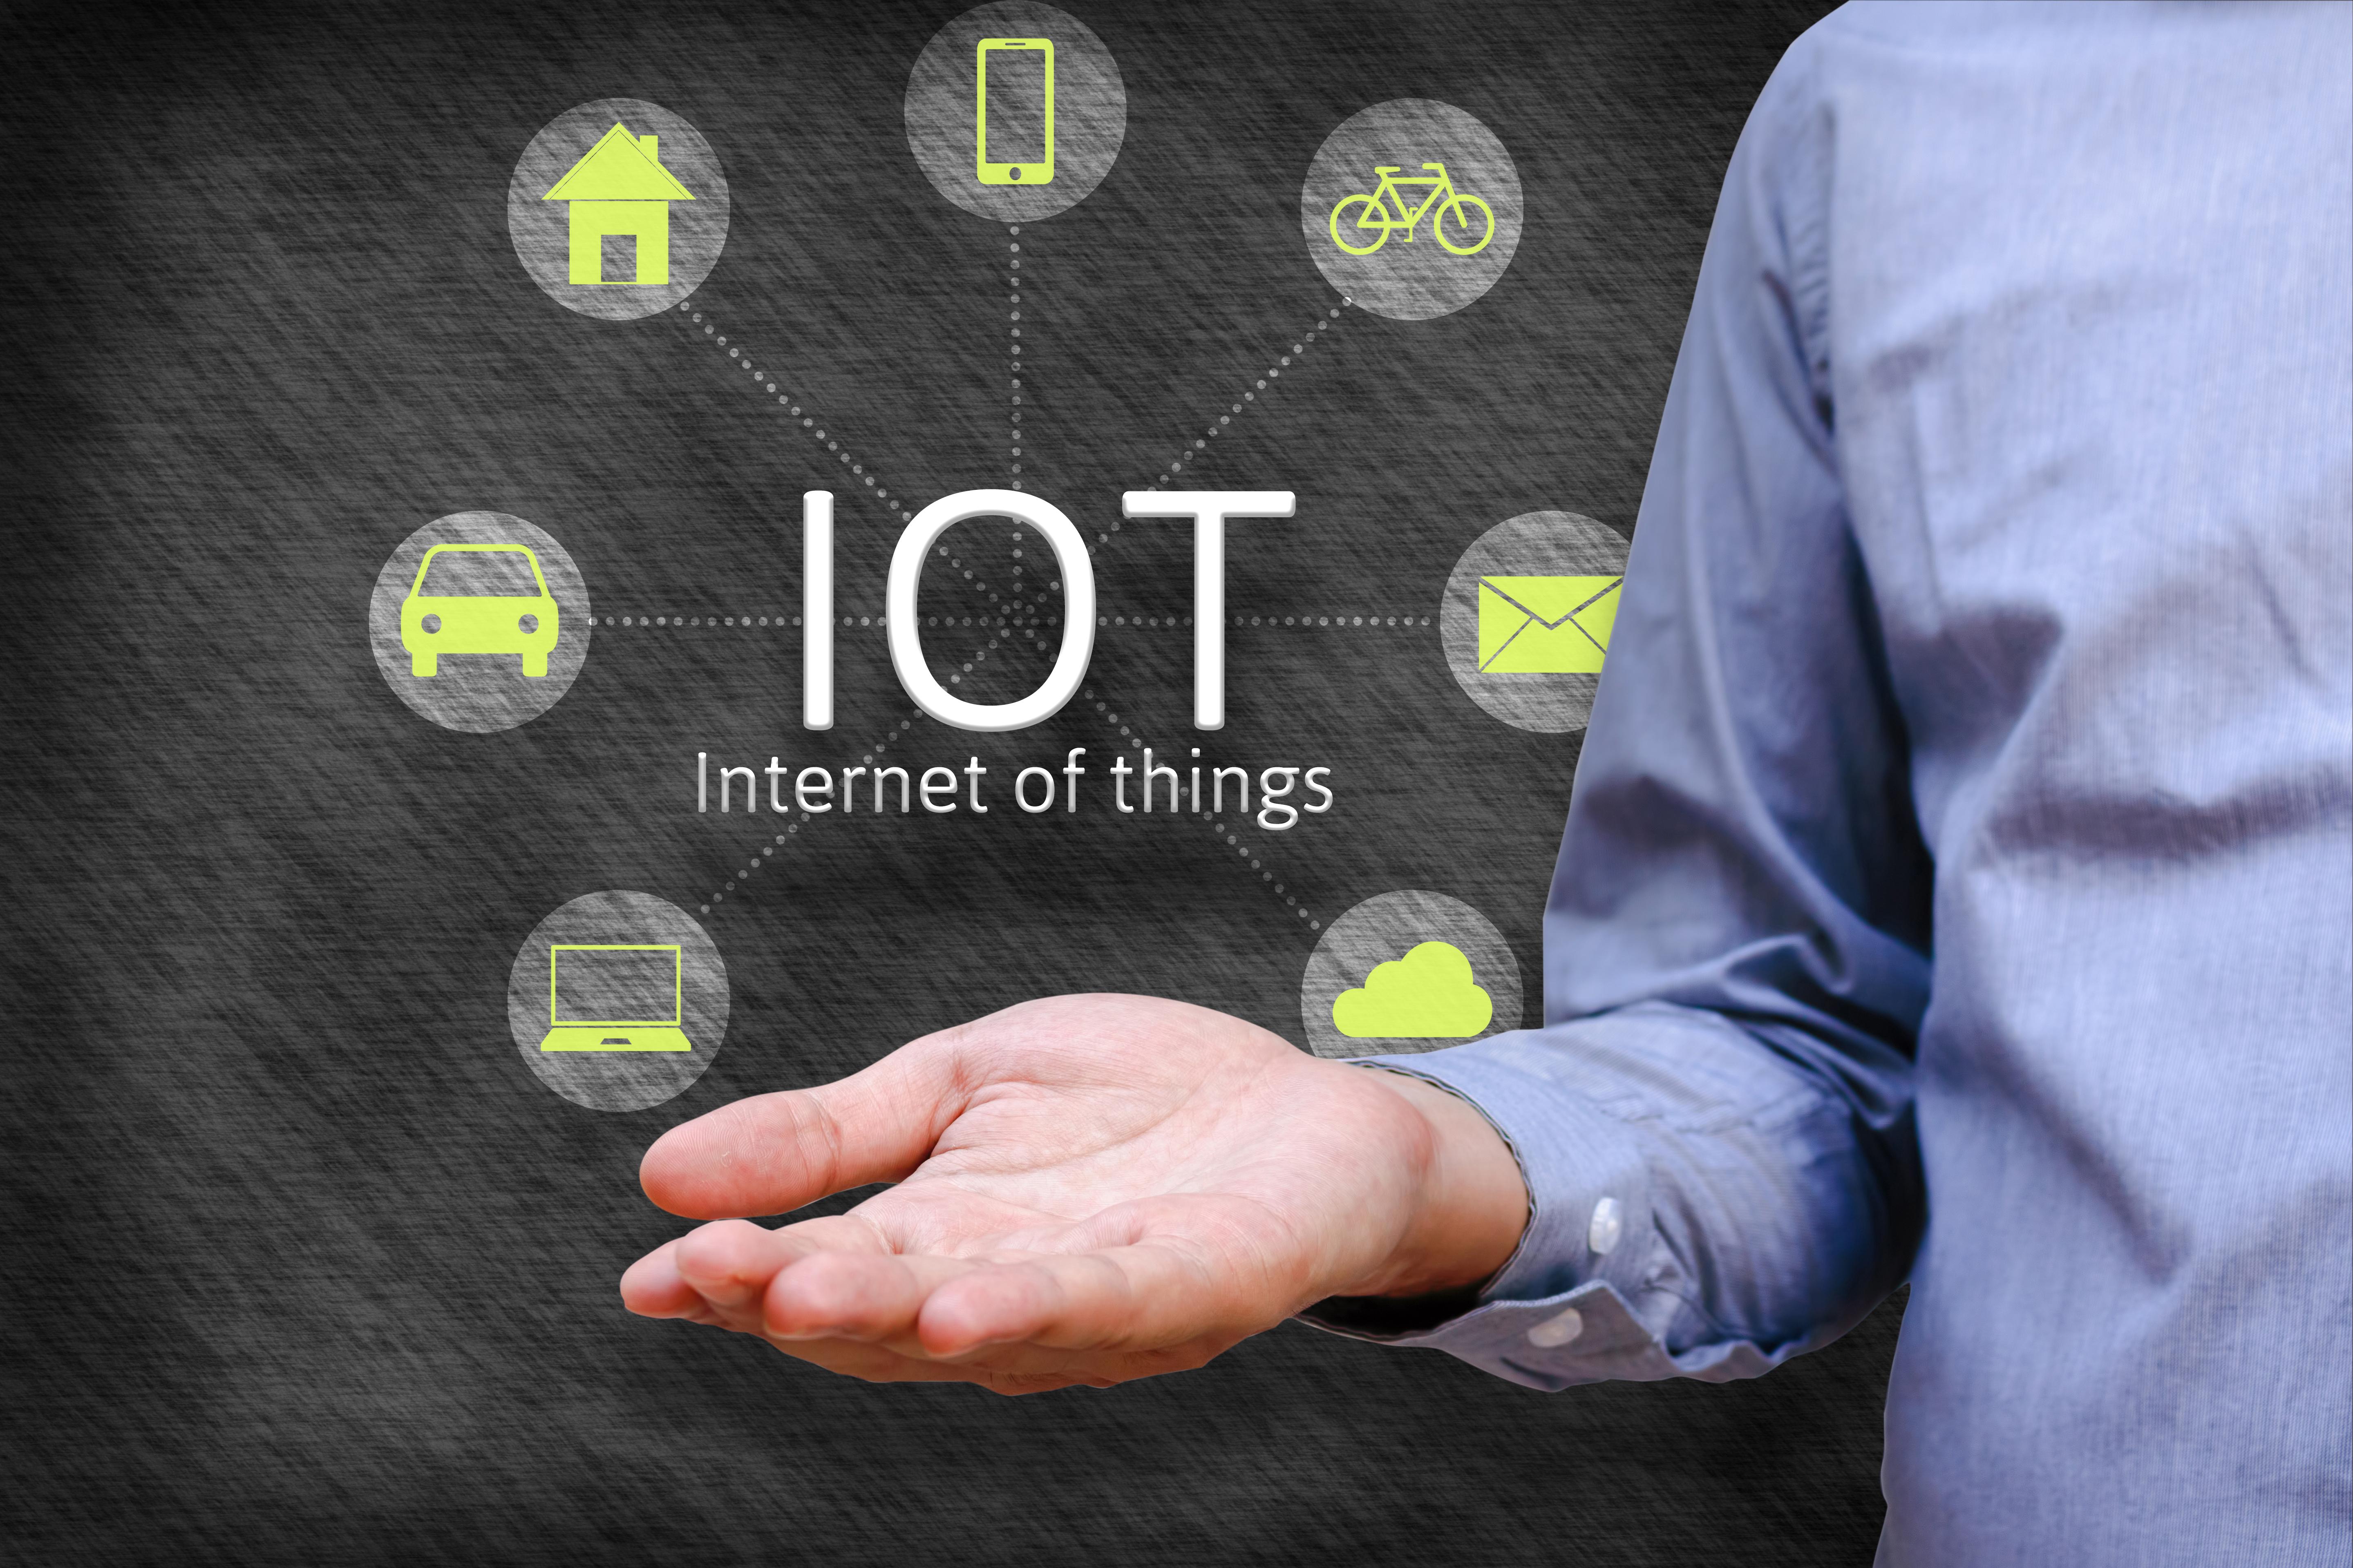 タイ【IoT組み込みプラットフォームのリーディングカンパニー!】タイと日本の架け橋となるソフト/ハードウェアエンジニア職募集!